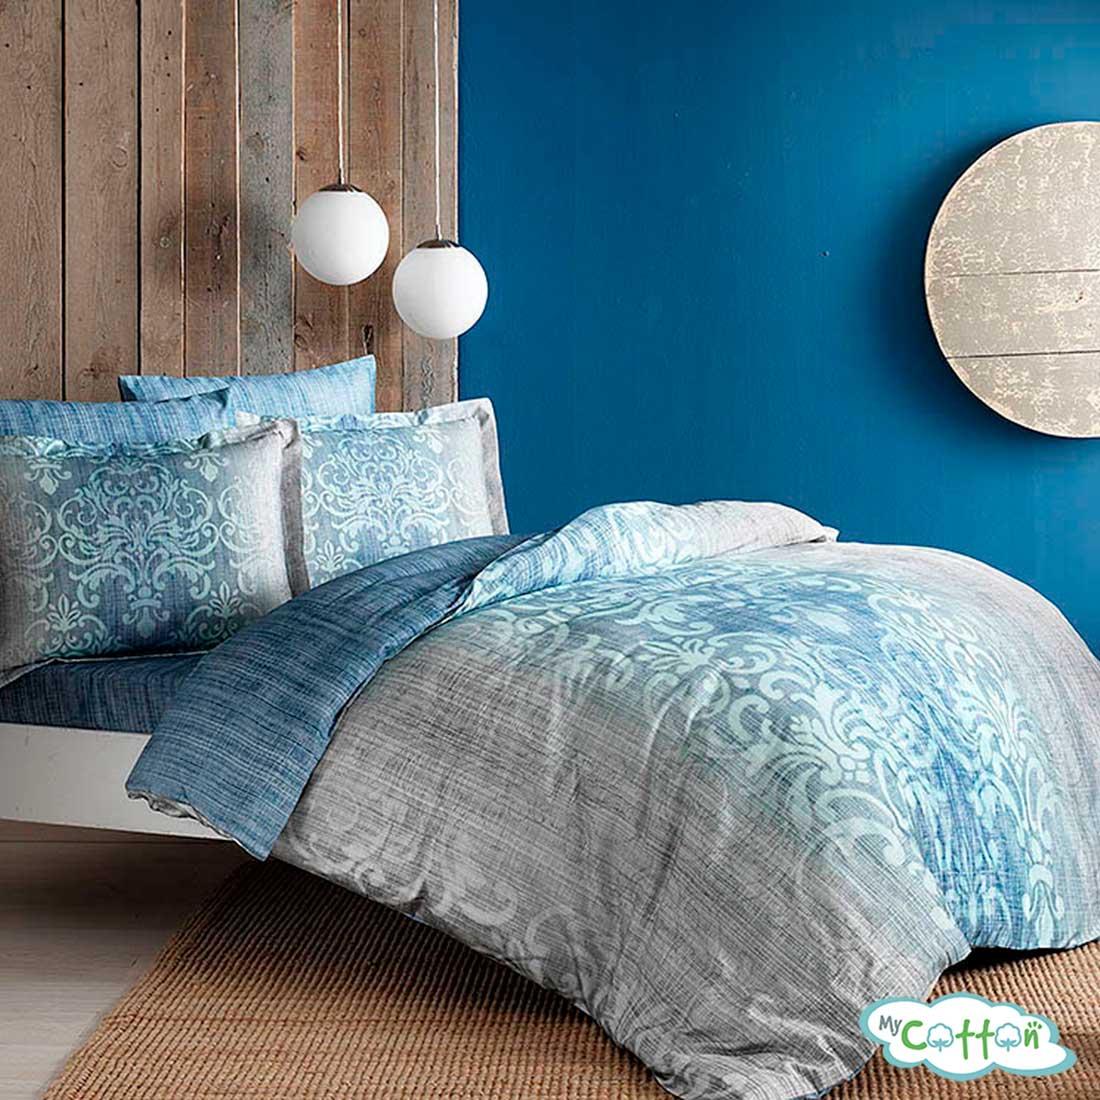 Комплект постельного белья TAC, LEORA голубой